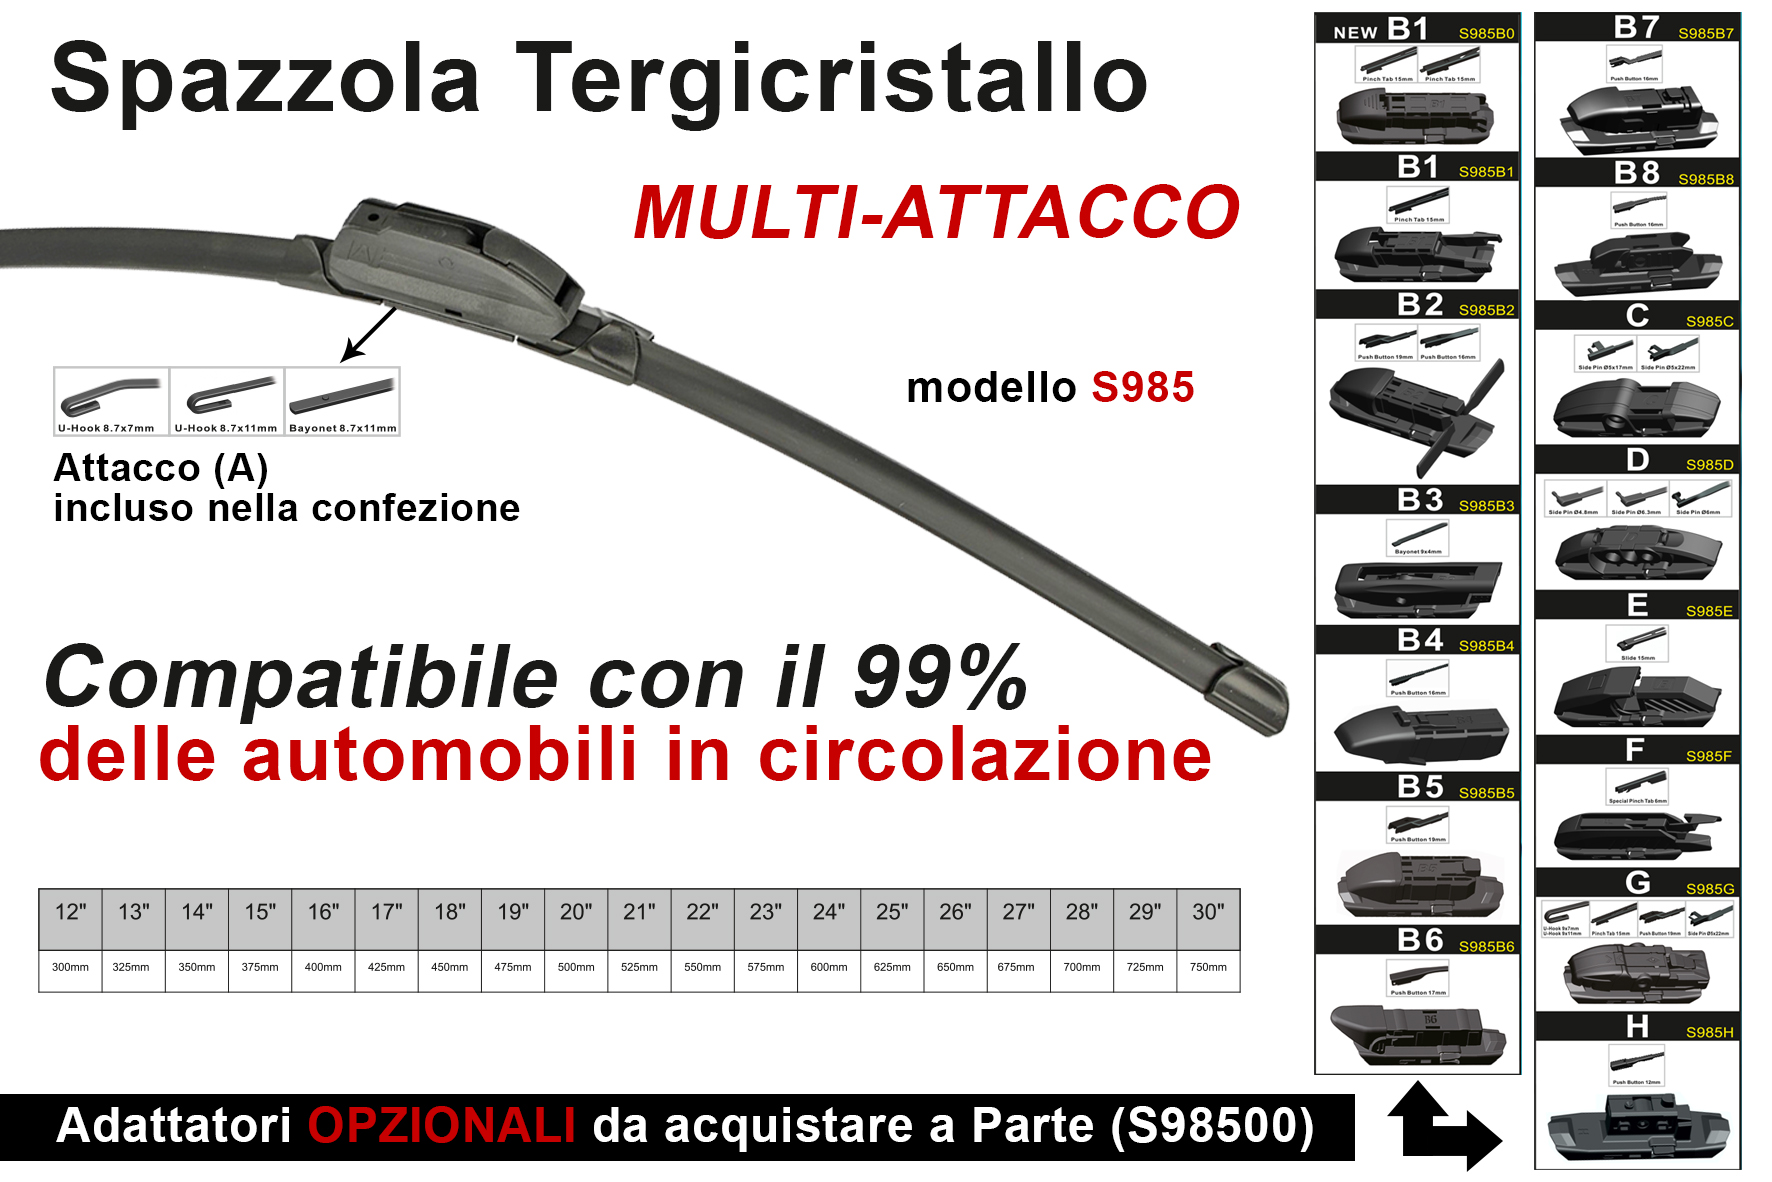 Spazzola Tergicristallo Auto Universale S985 13`` 325mm Carall 16 Attacchi Opzionale - PZ